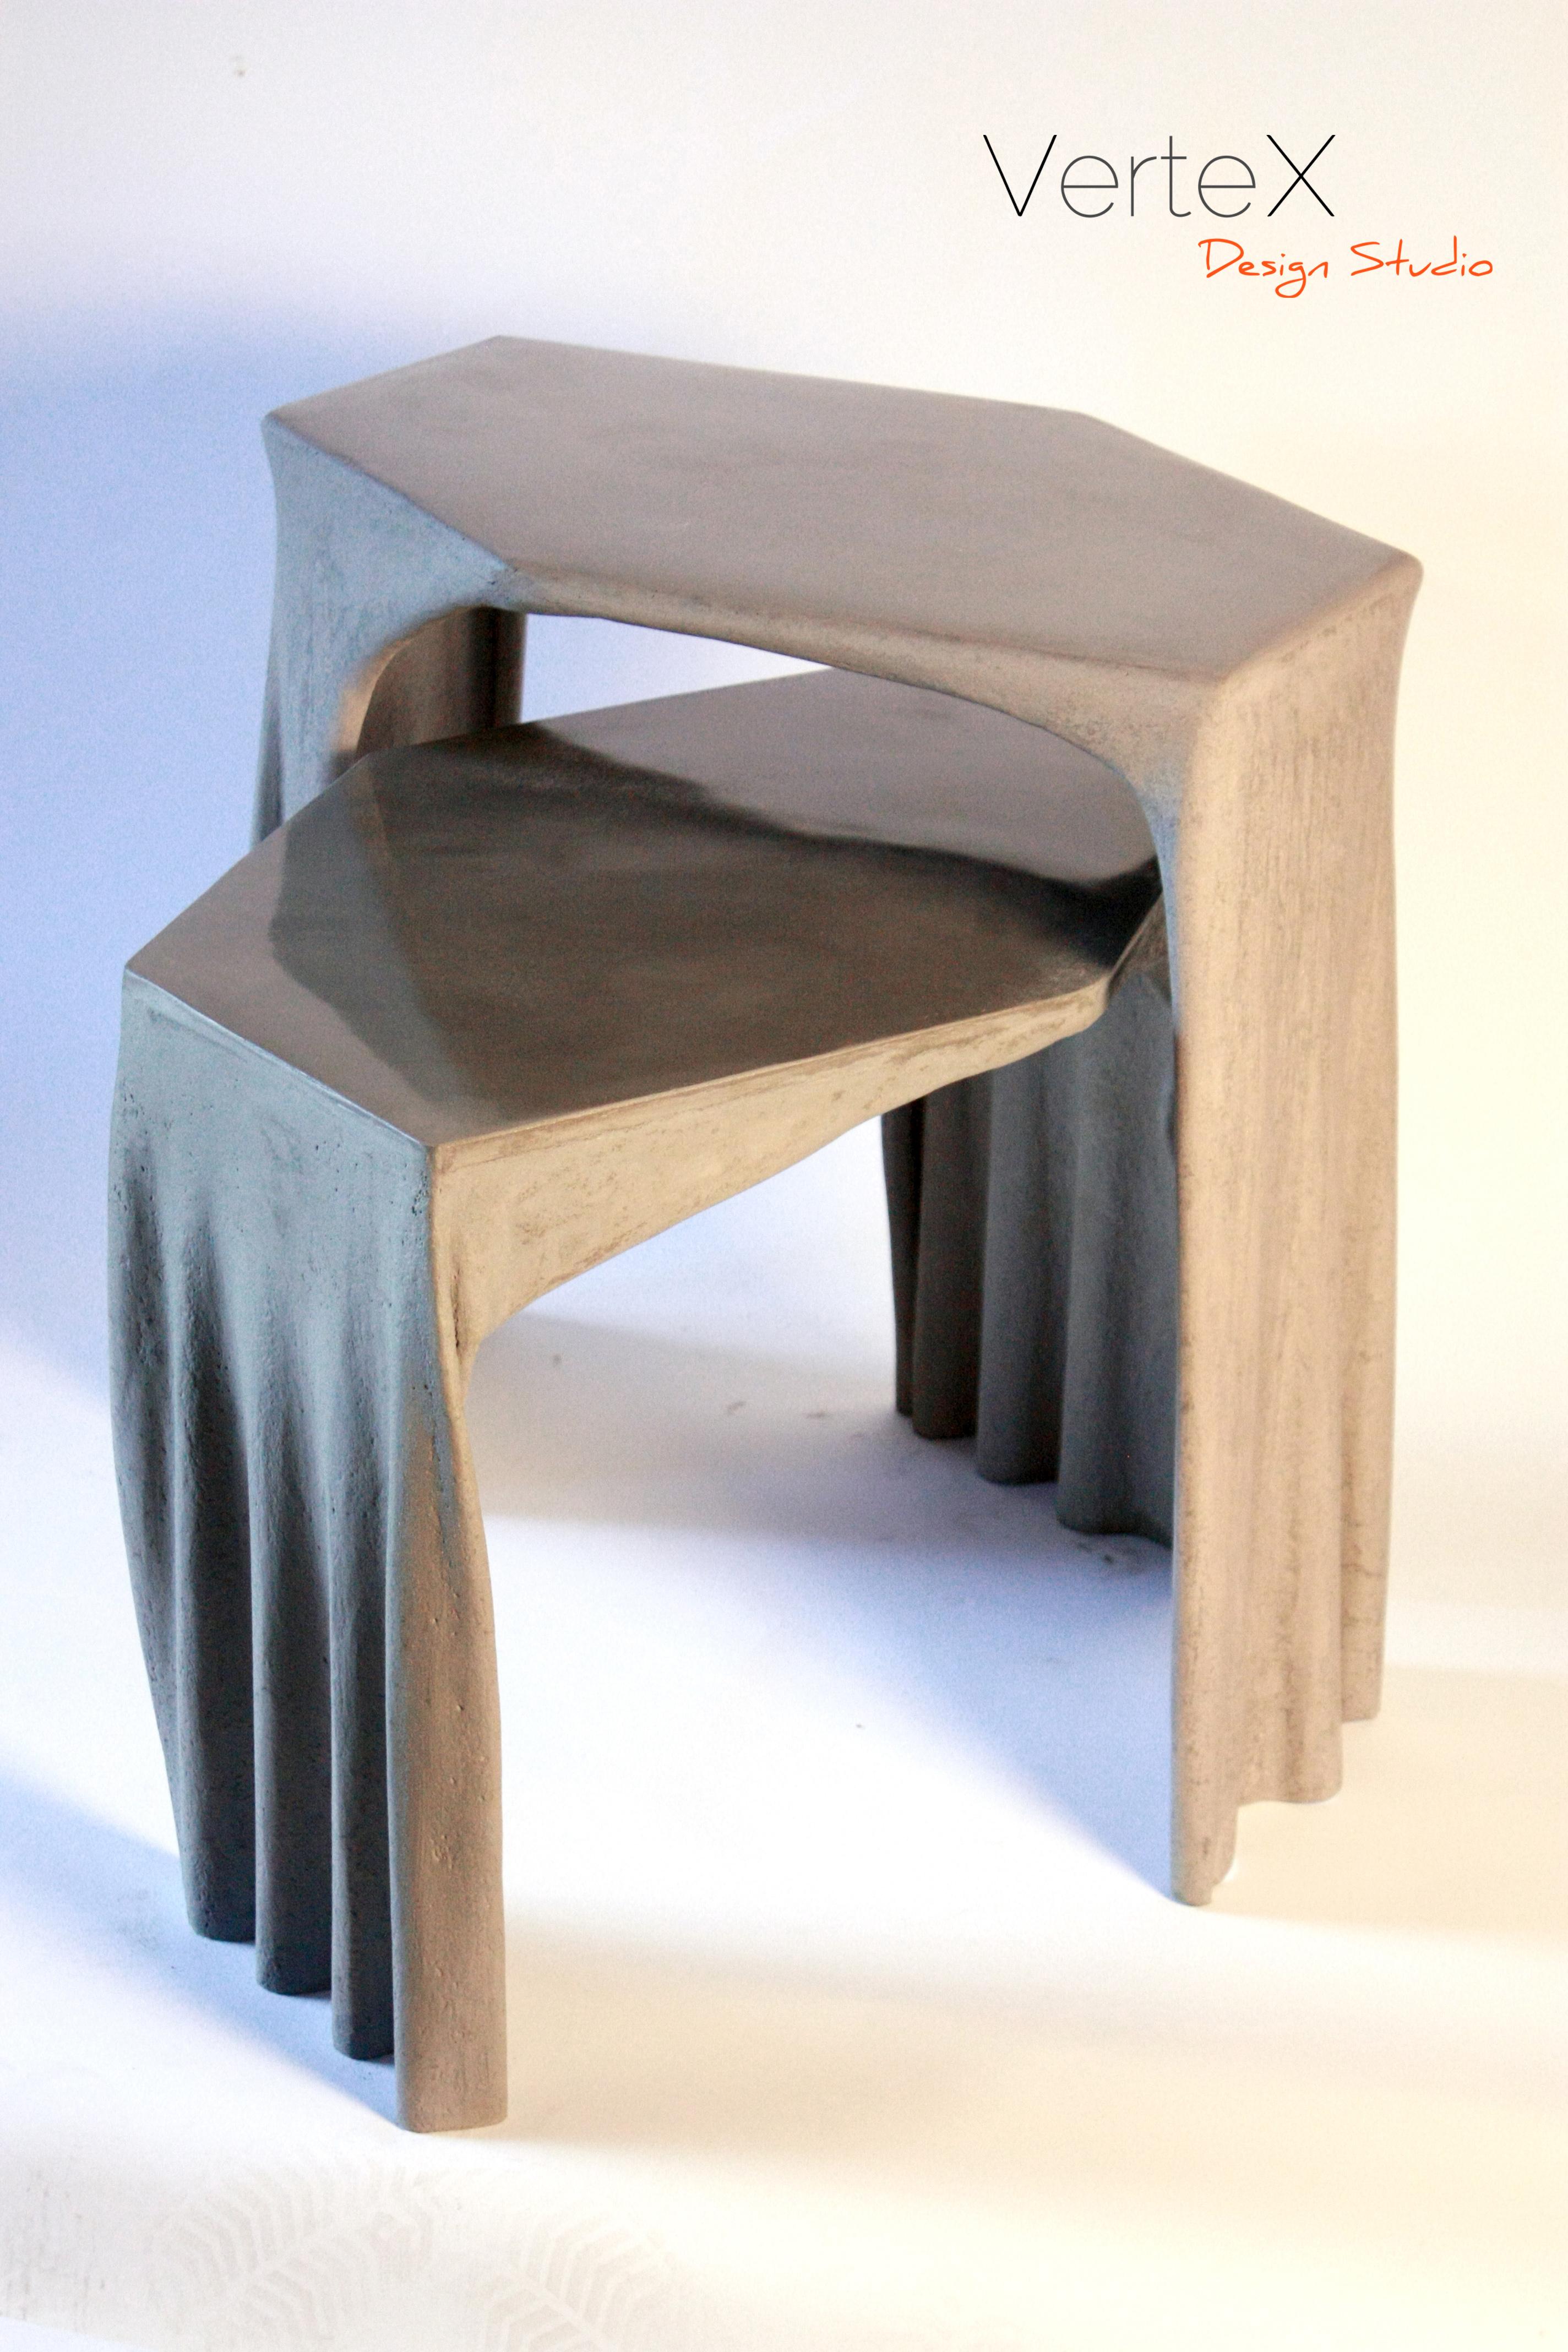 Fabric concrete coffee table by vertex design studio archello